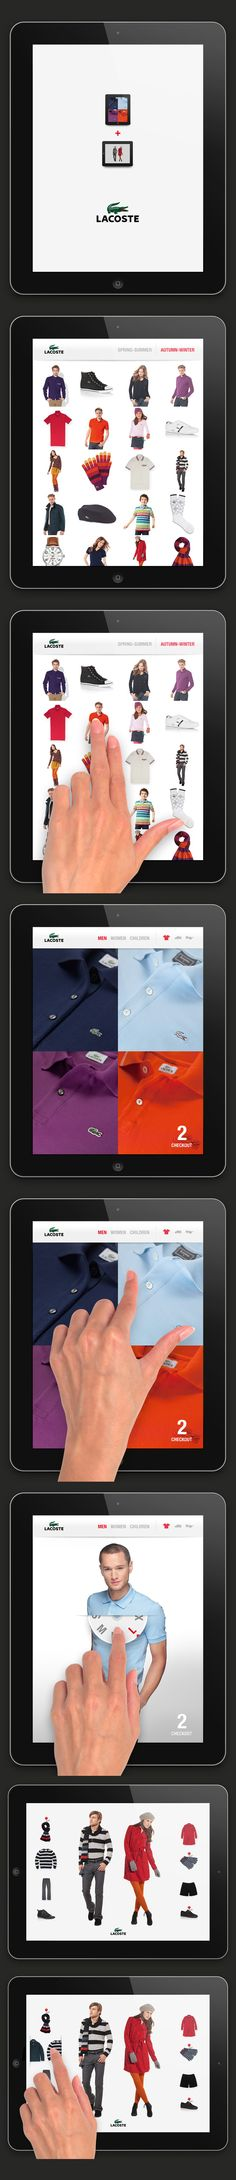 Lacoste iPad app   Designer: Pierrick Calvez Studio Ltd.